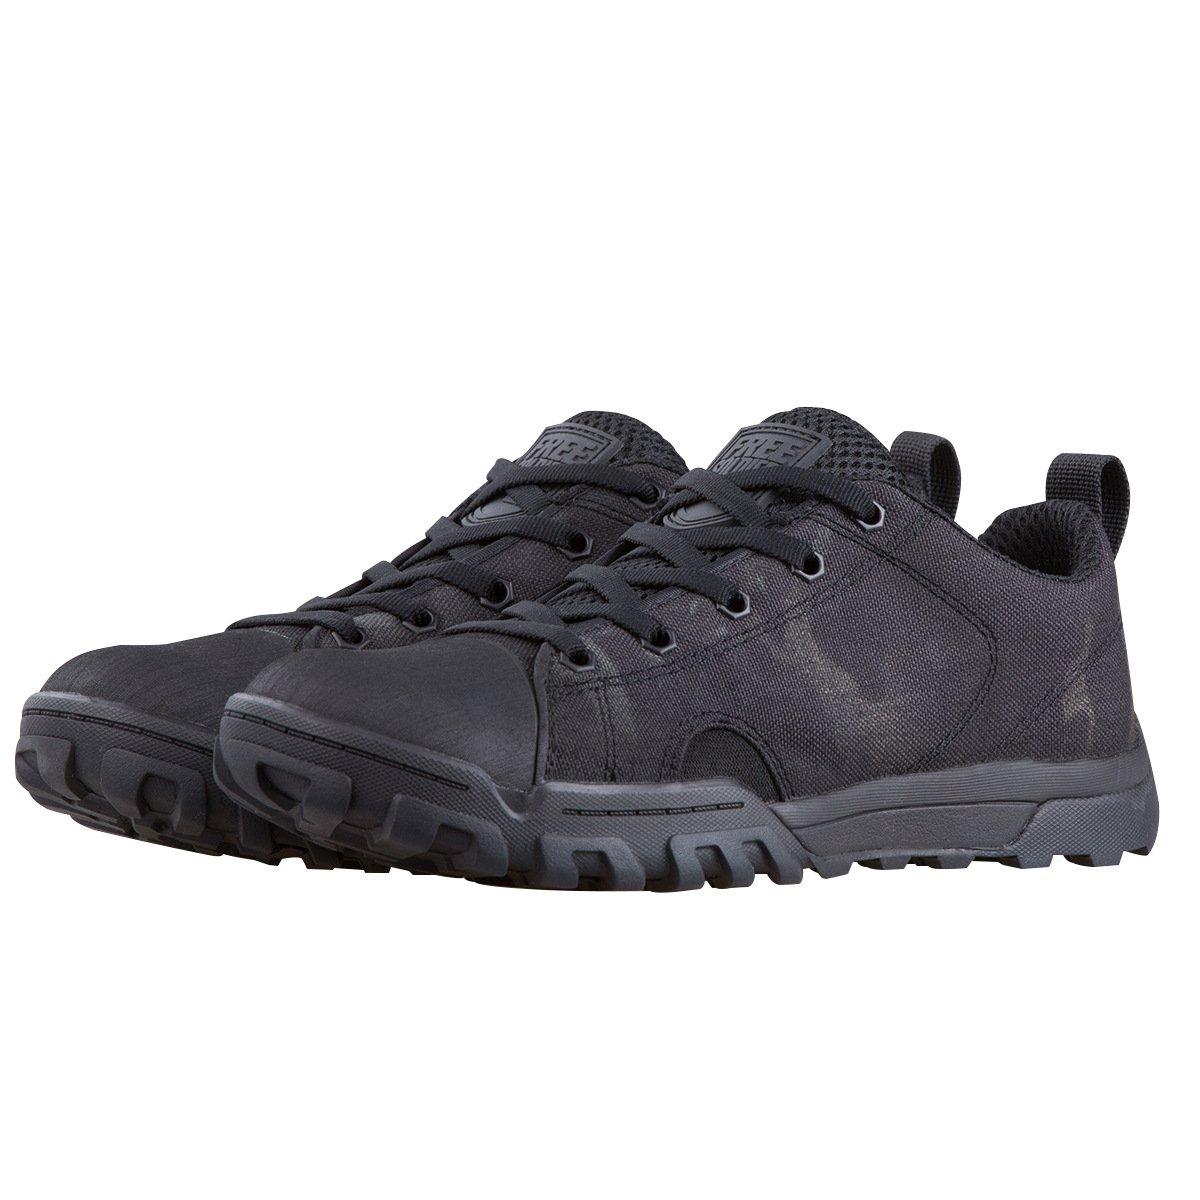 FREE SOLDIER Herren Stiefeletten Tactical Arbeit Stiefel Leicht Atmungsaktiv Military Stiefel Mid und Low Camo Combat Stiefel